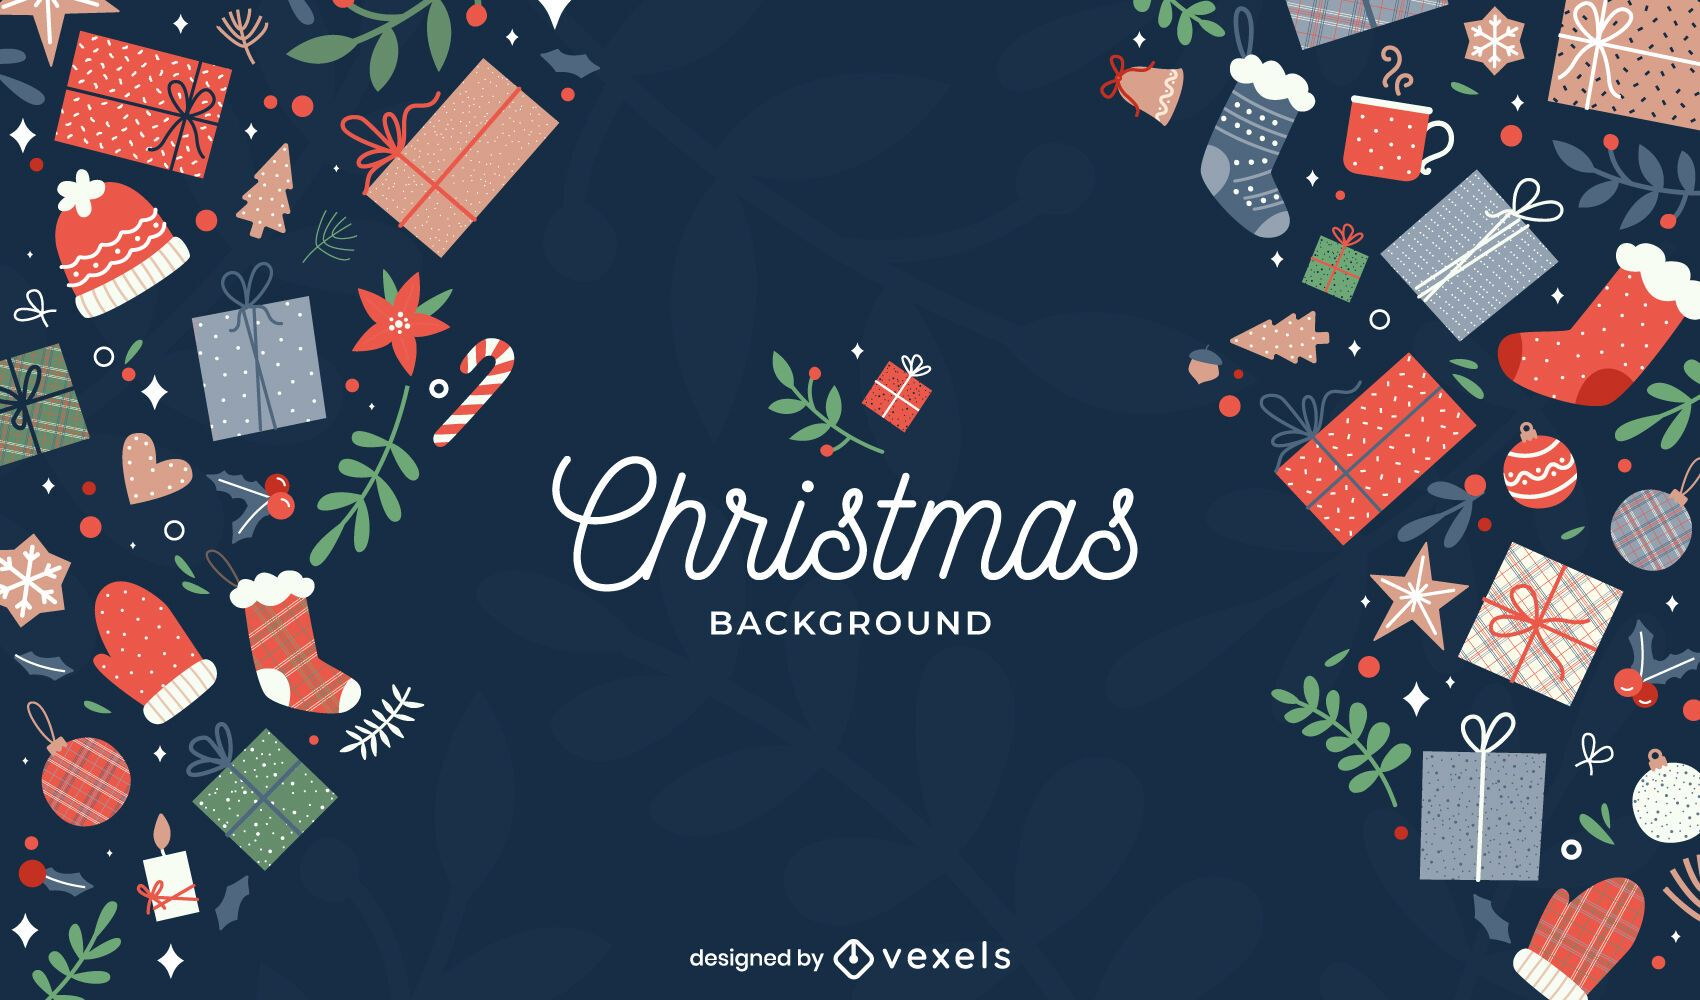 Presenta diseño de fondo de navidad